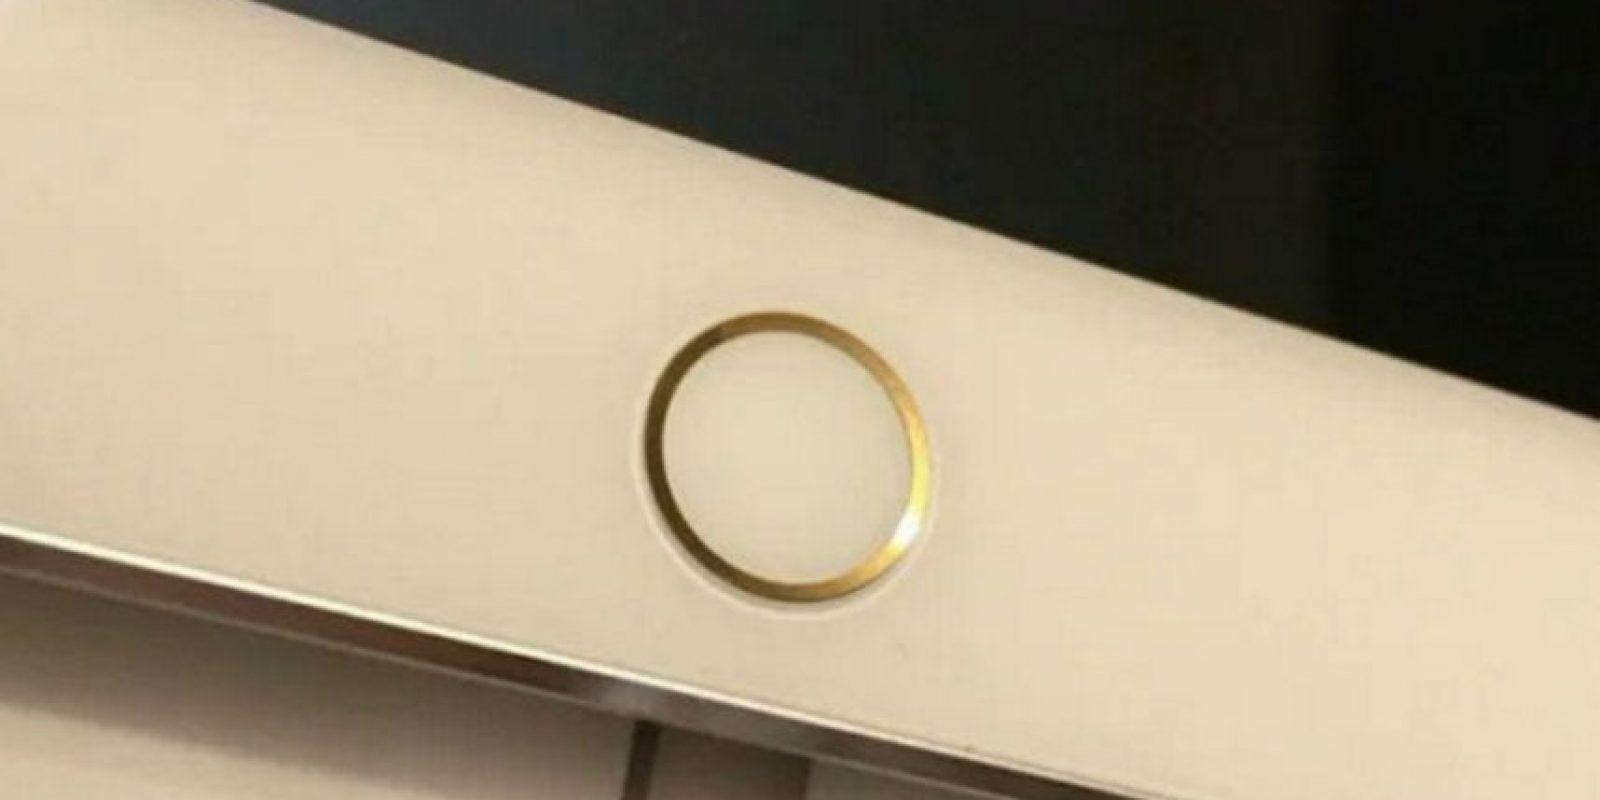 Este es el iPad Pro con oro. Foto:9to5Mac.com